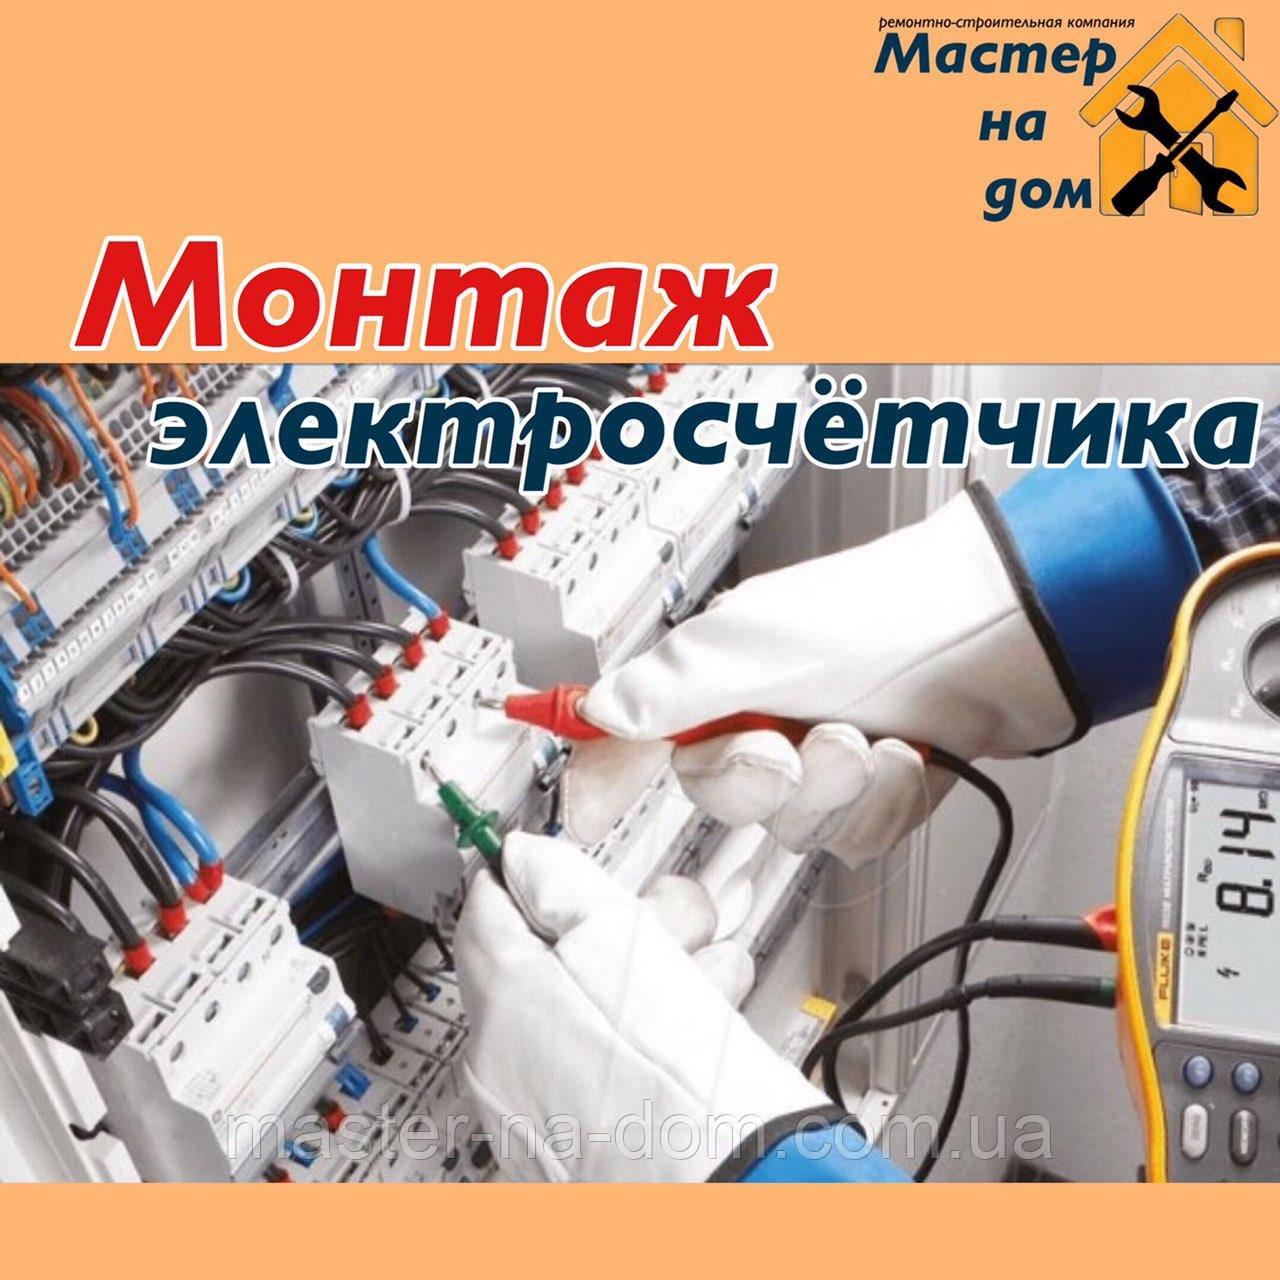 Монтаж электросчётчиков в Виннице, фото 1